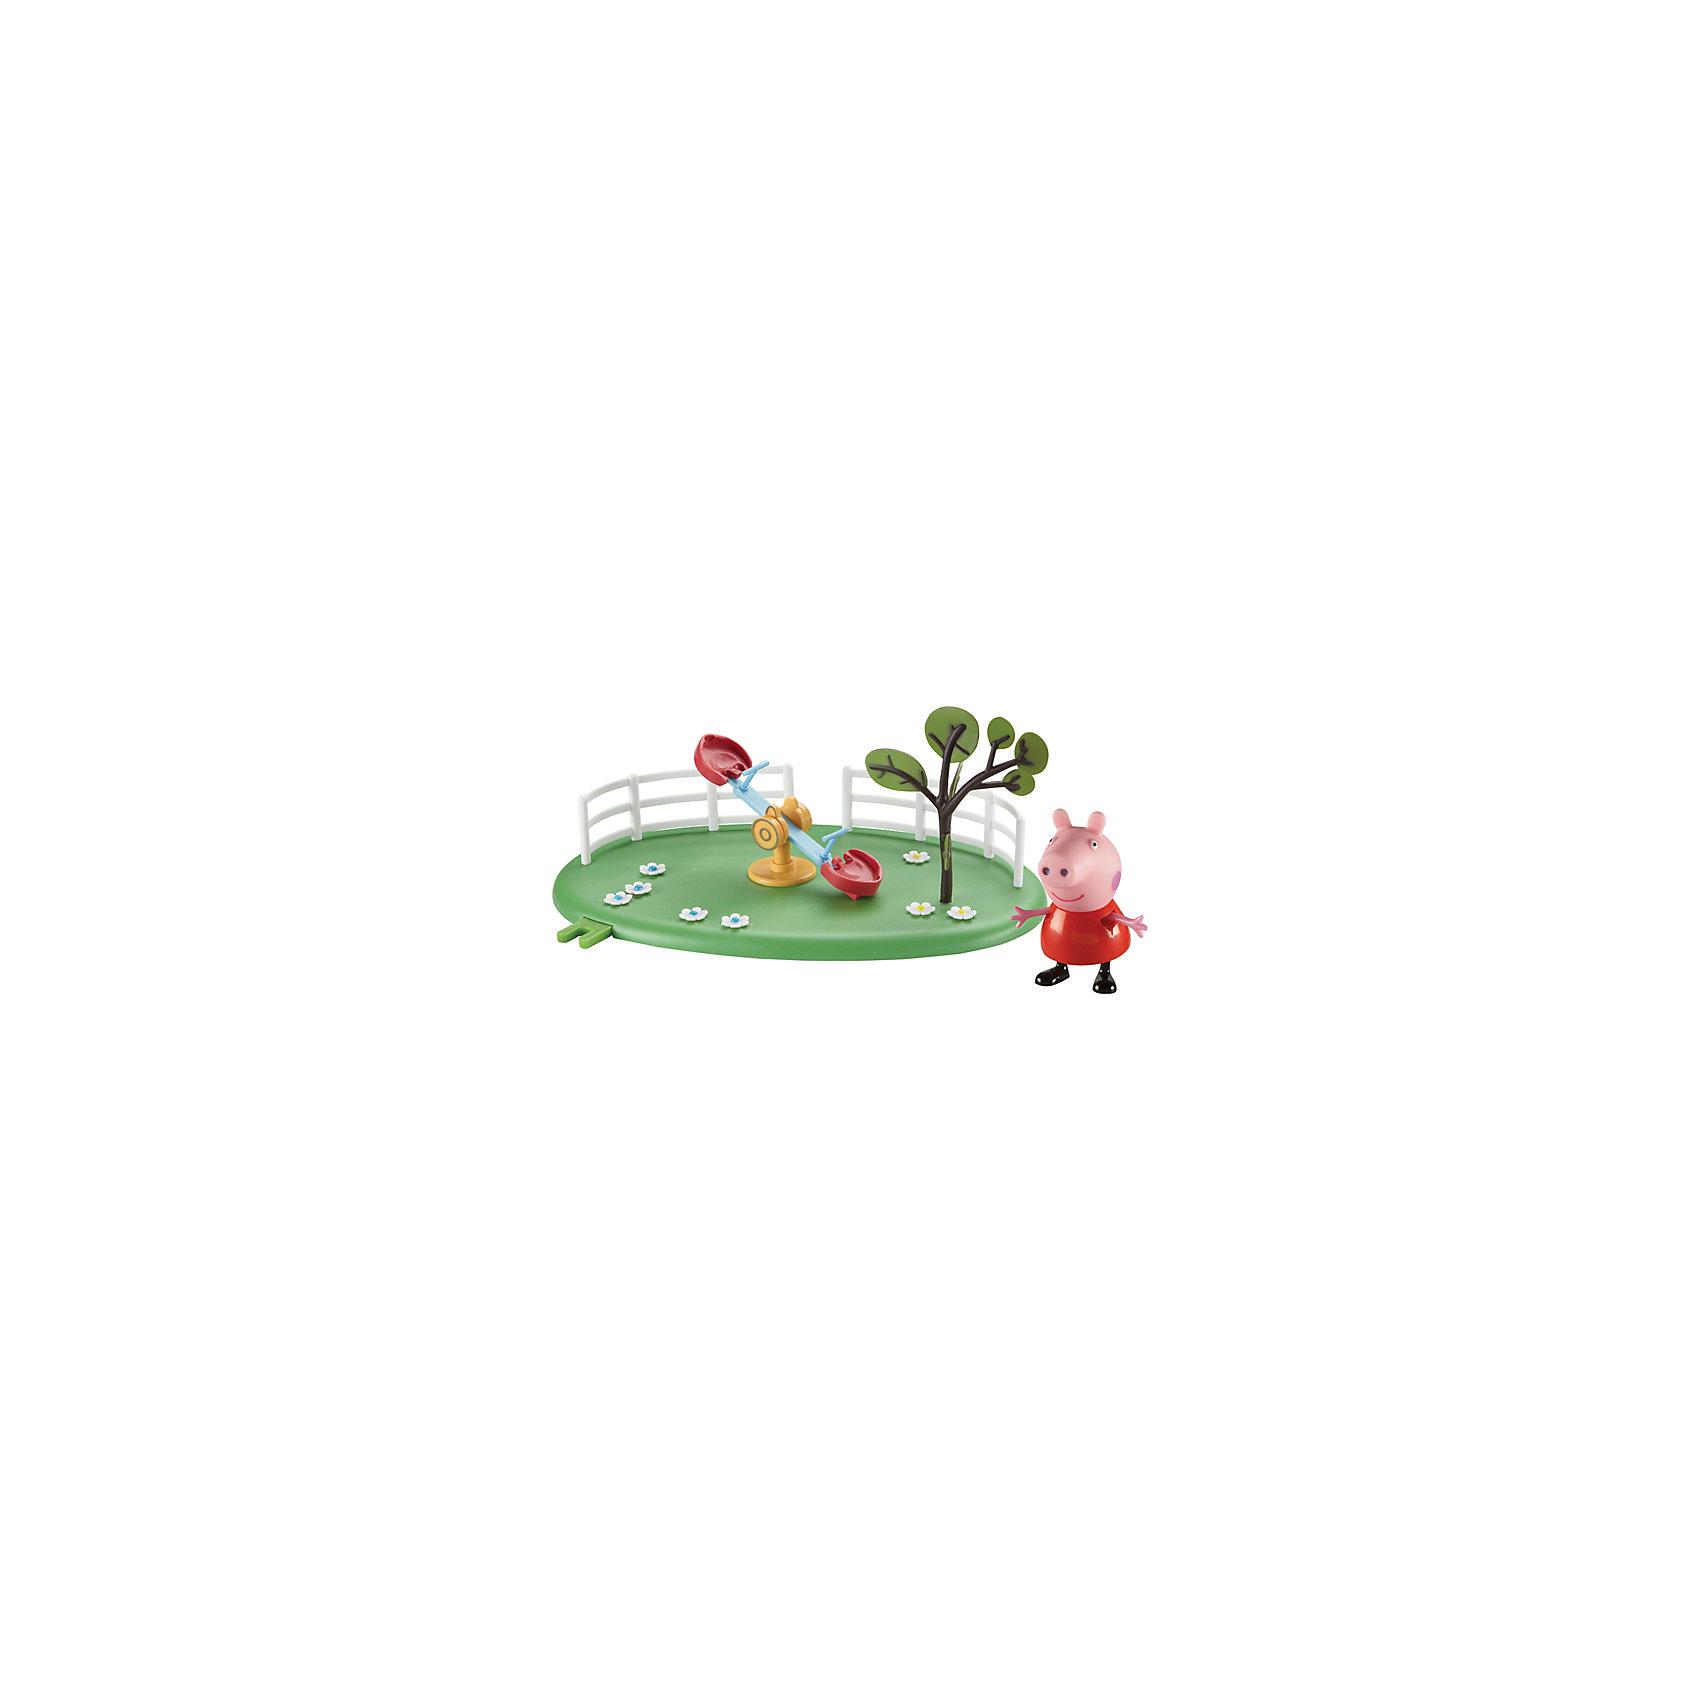 Игровая площадка Качели-качалка, Свинка Пеппа от myToys